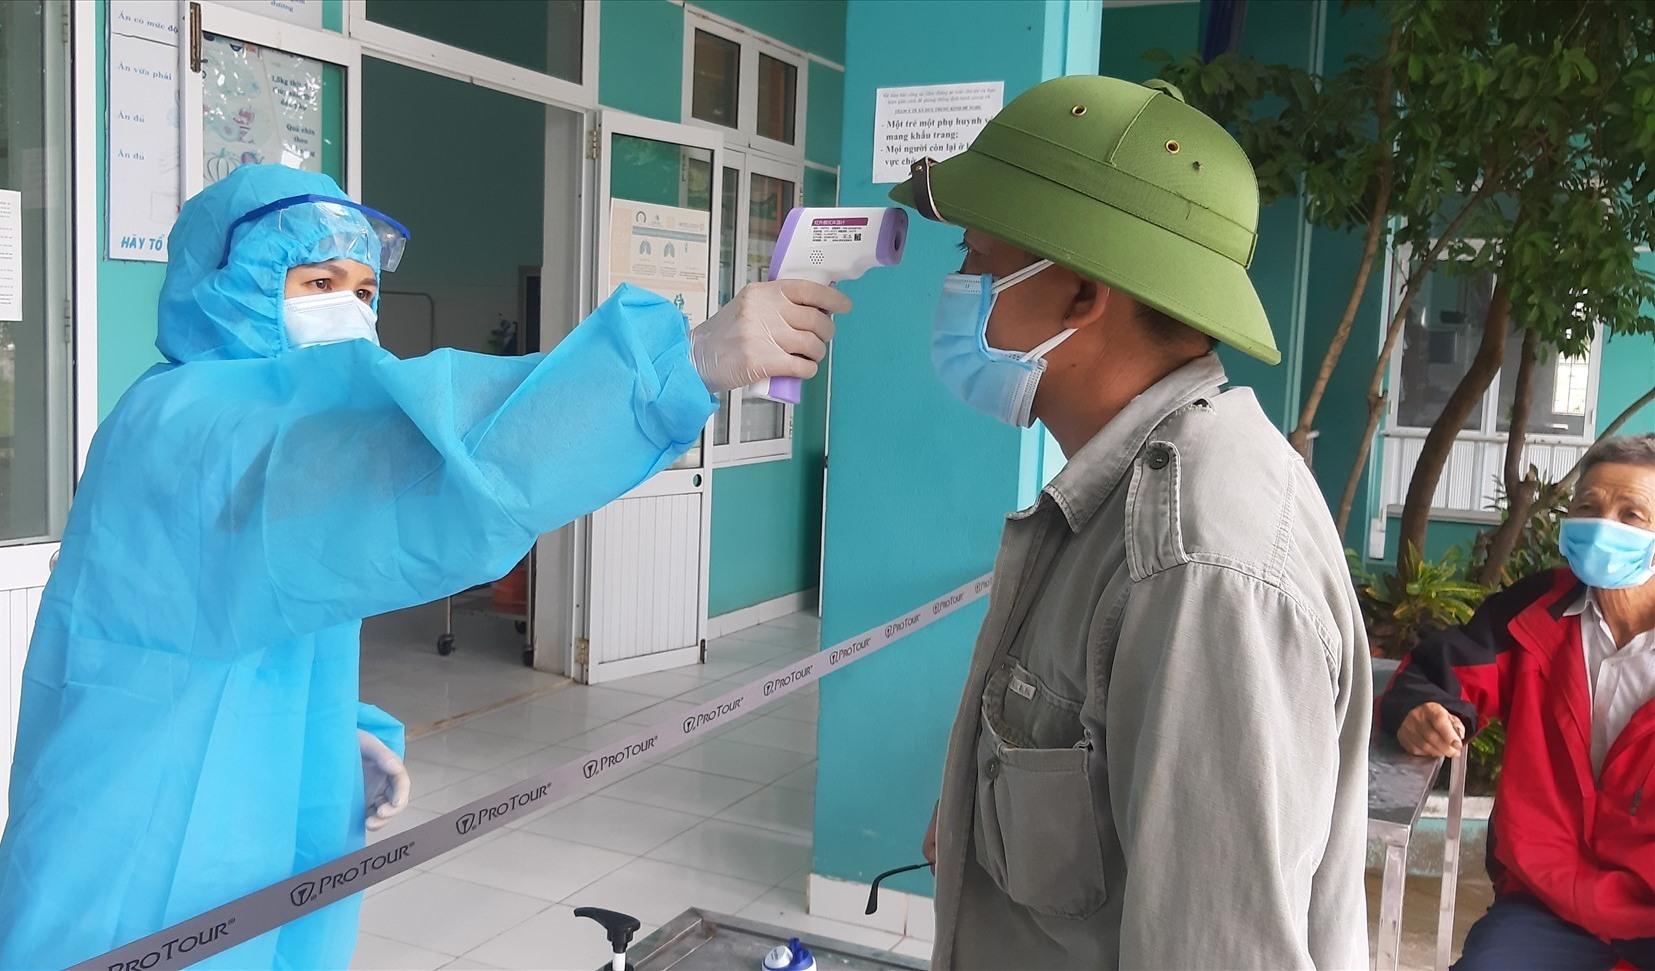 Cán bộ y tế đo thân nhiệt cho người dân xã Duy Trung nhằm sớm phát hiện những trường hợp nghi ngờ nhiễm dịch. Ảnh: T.P